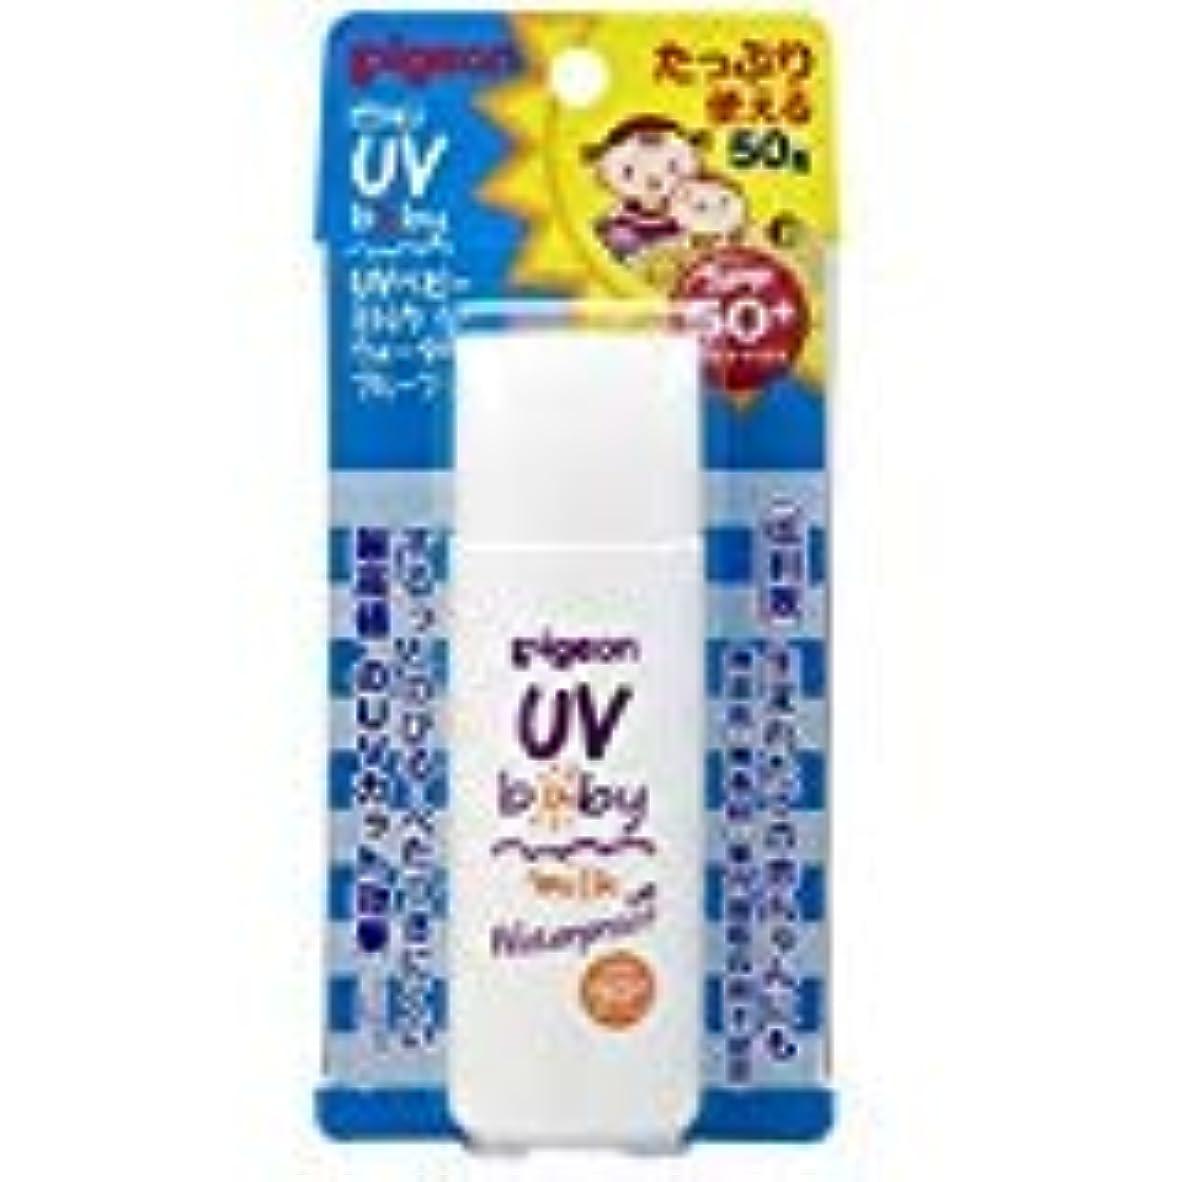 アレイ魅了する承認ピジョン UVベビーミルク ウォータープルーフ SPF50+ 50g